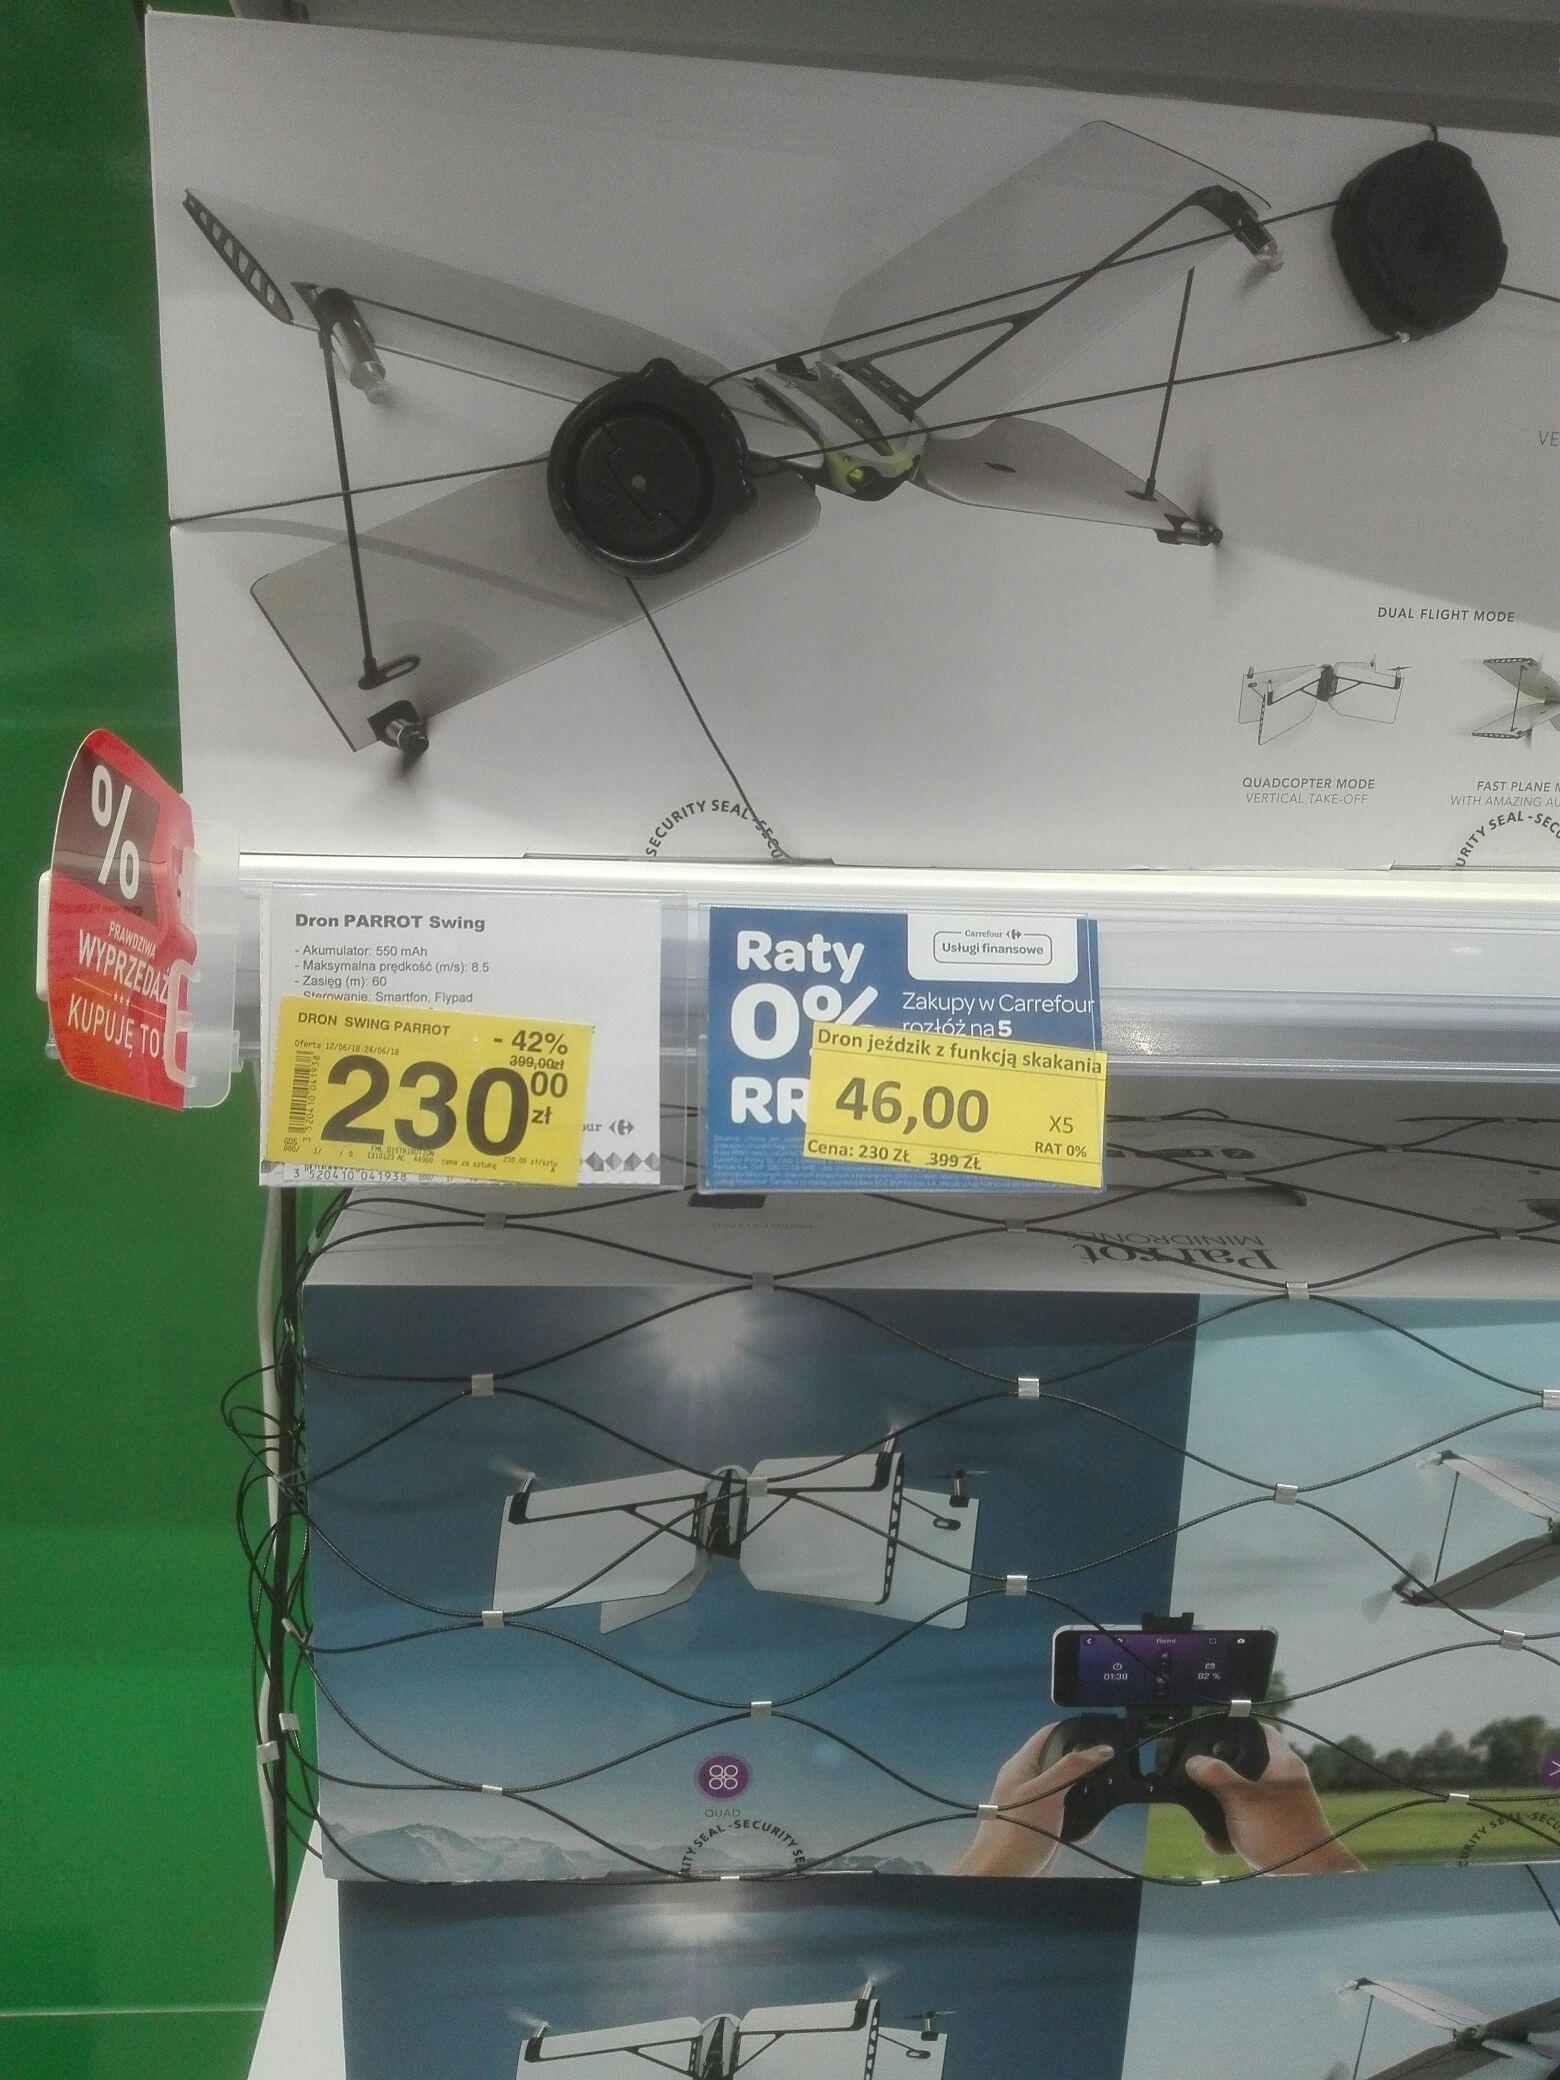 Dron parrot w promocji w Carrefour